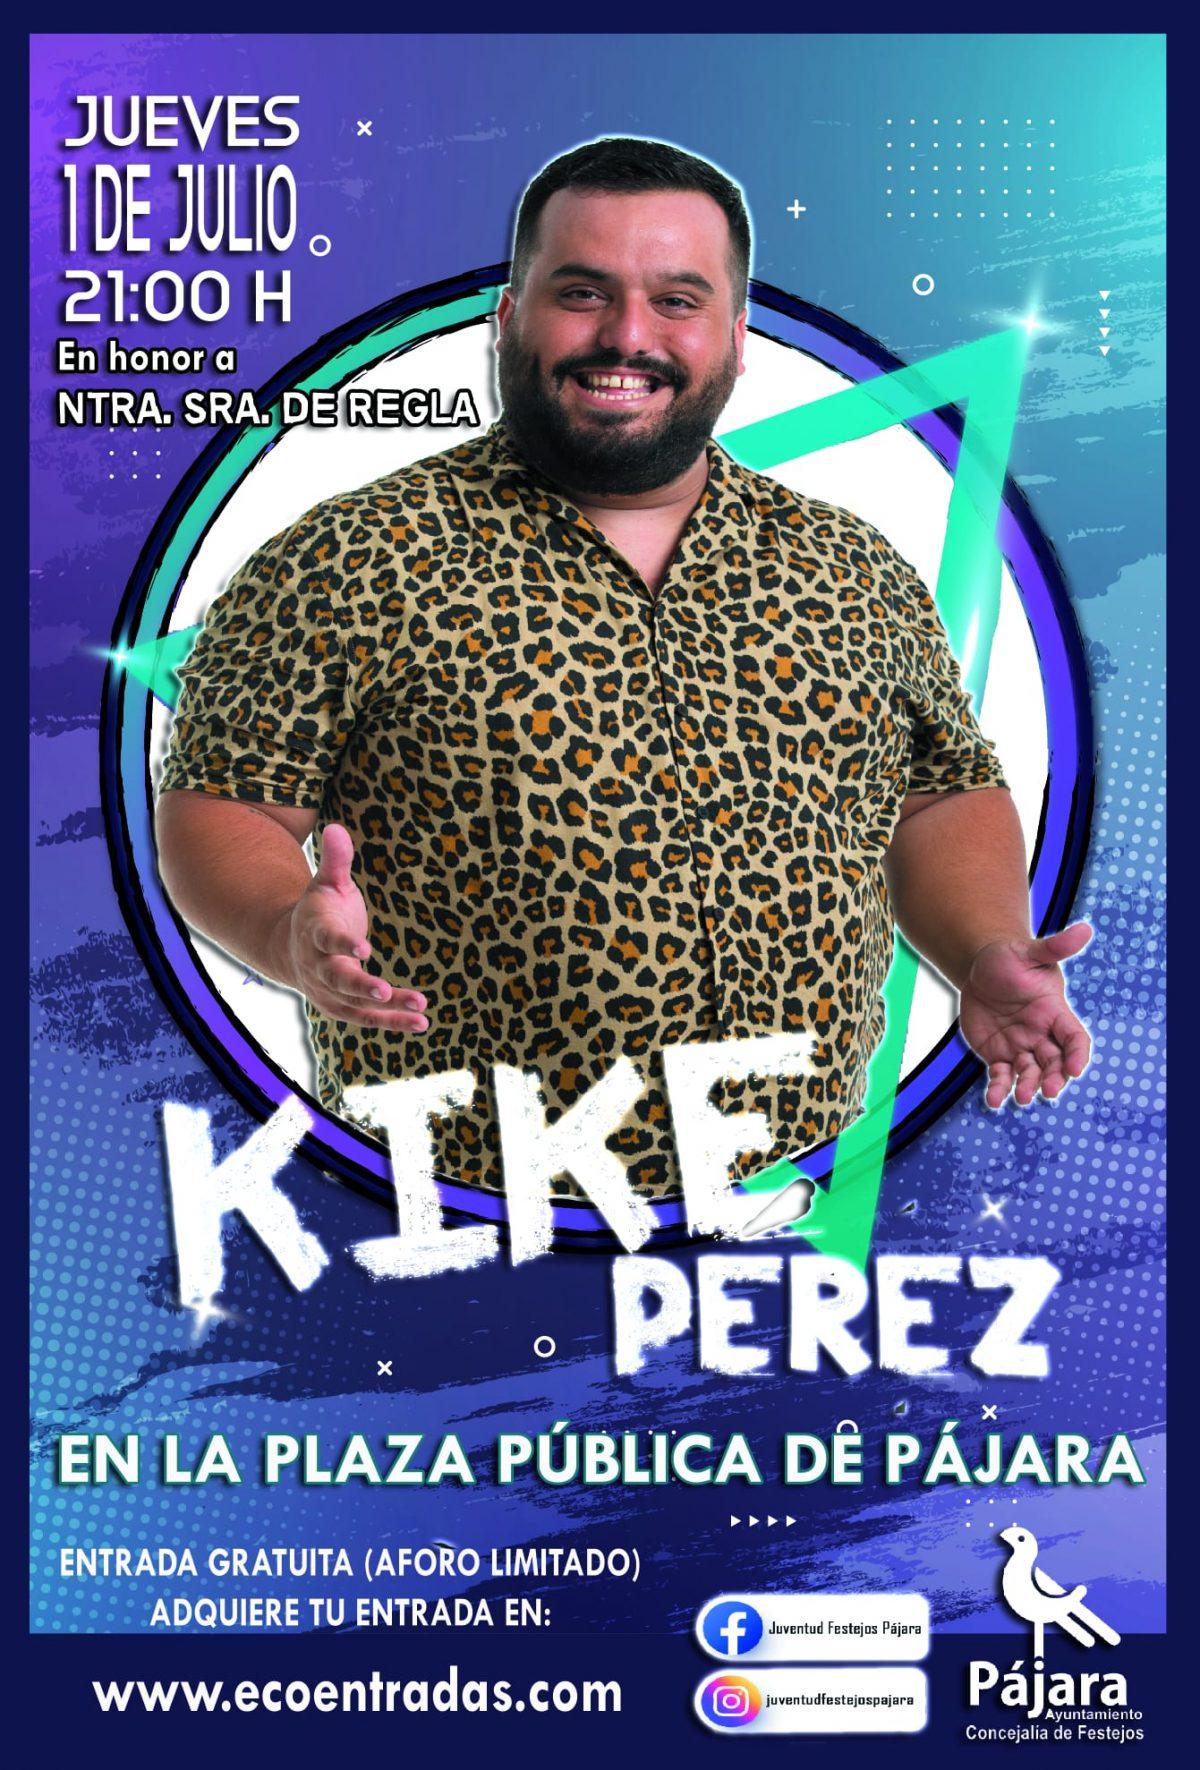 El humorista Kike Pérez actuará en la fiesta en Honor a Ntra. Sra. de Regla en la localidad de Pájara